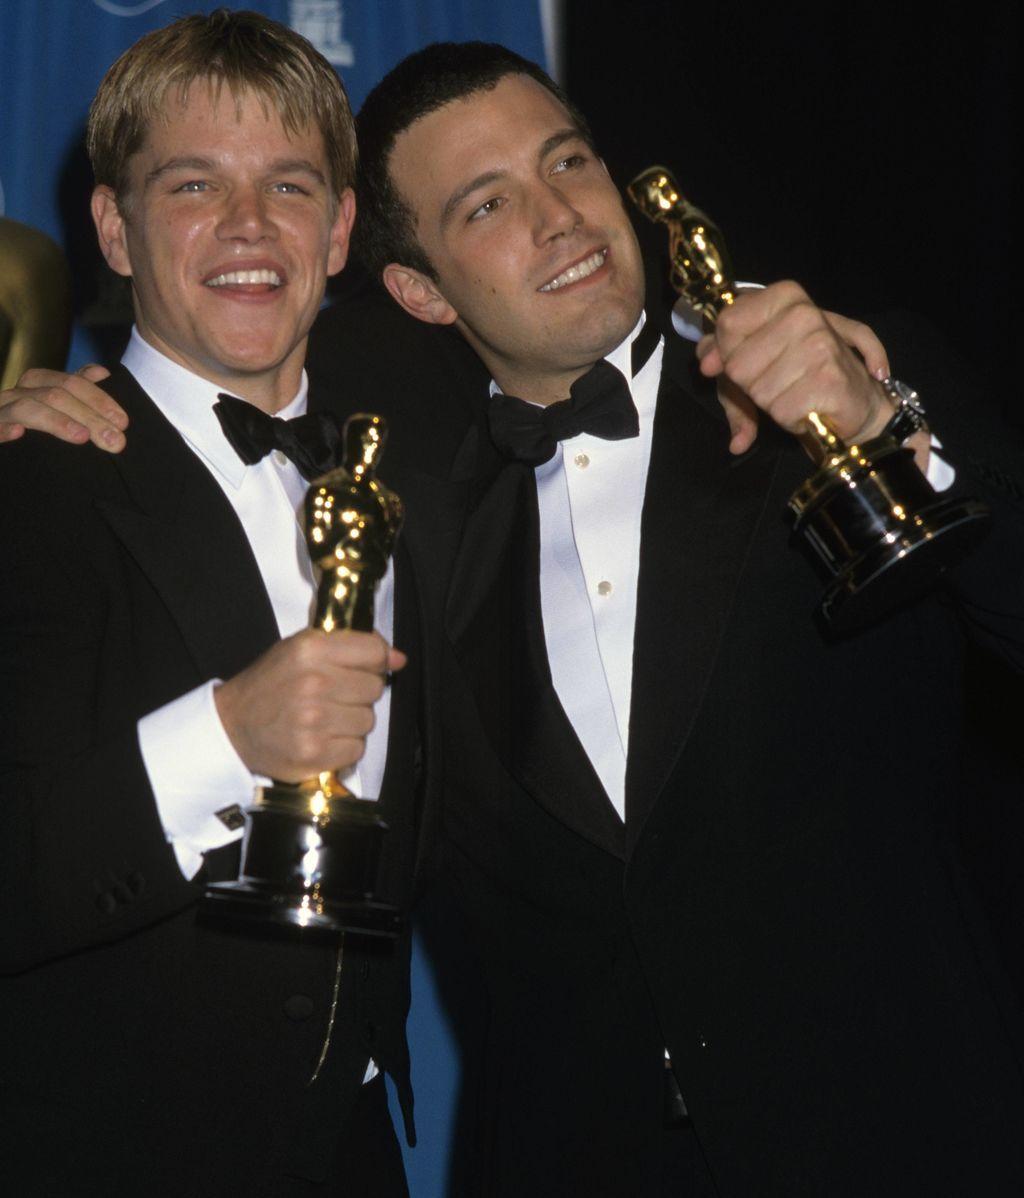 Damon y Affleck con sus Oscar